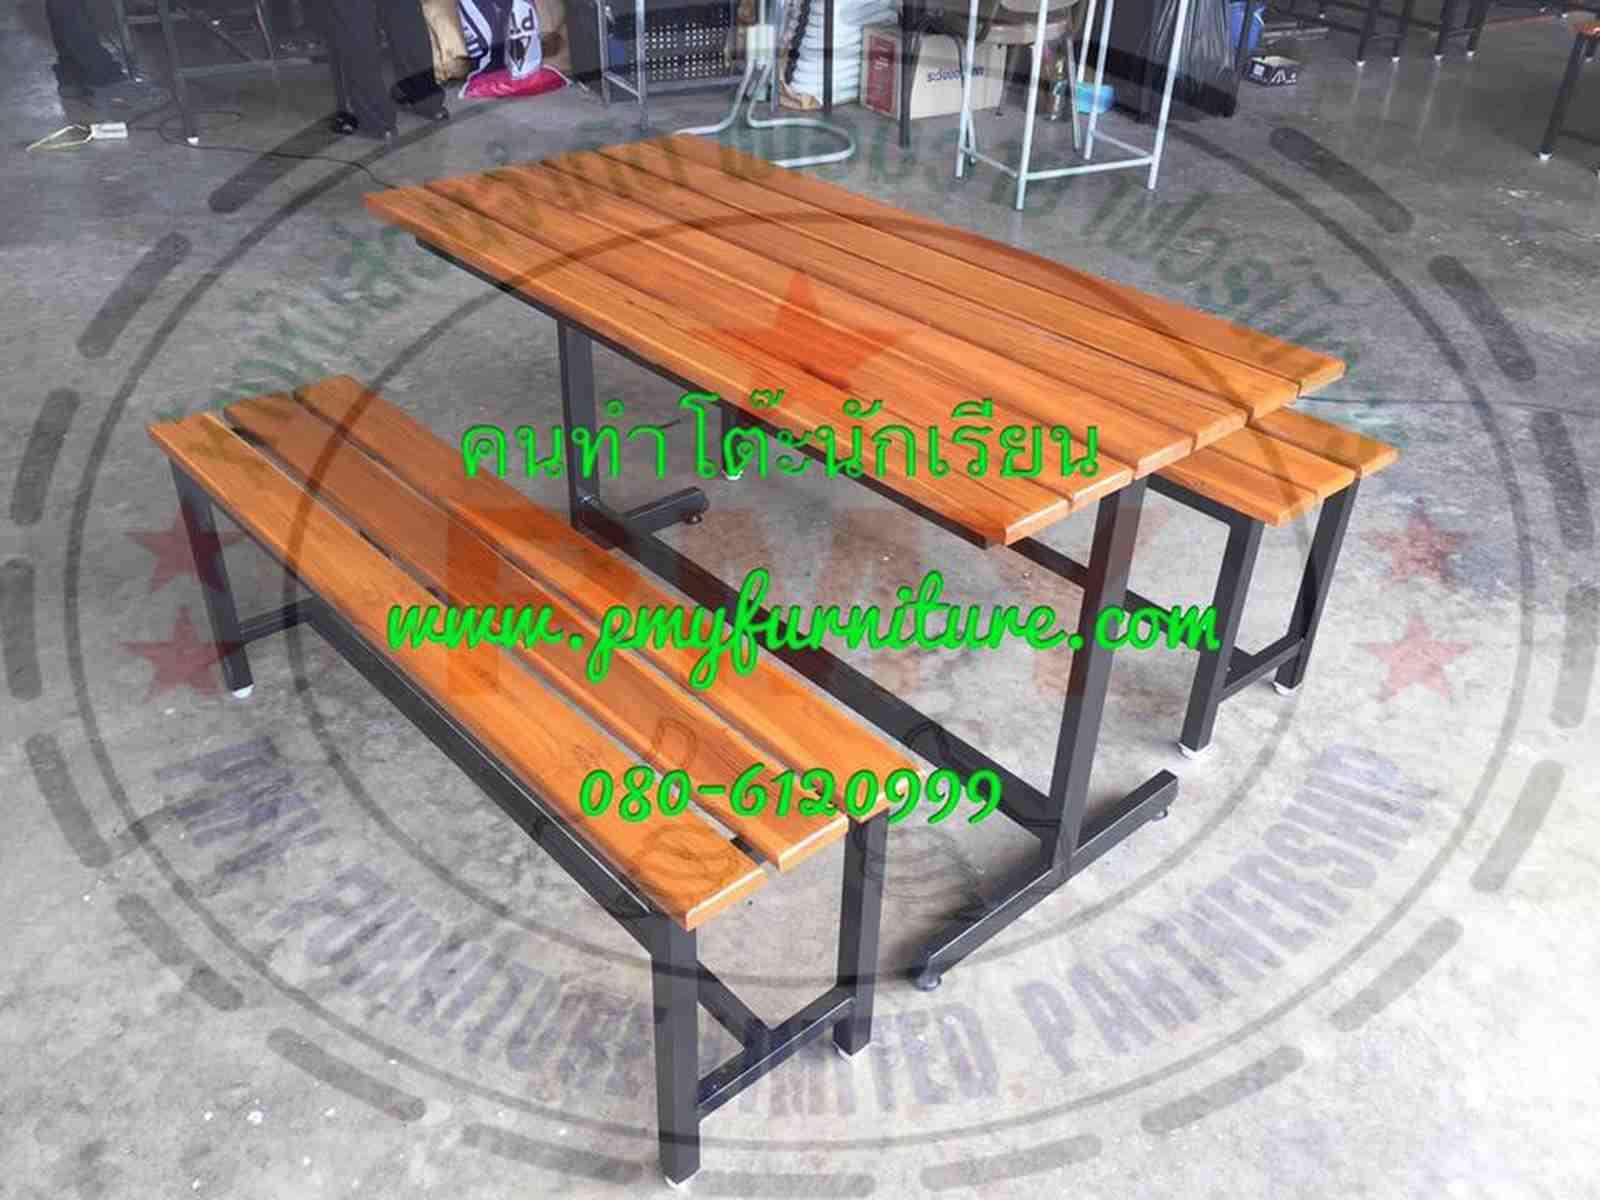 pmy5-29 โต๊ะโรงอาหาร ขาตัวไอ 120 ซม.